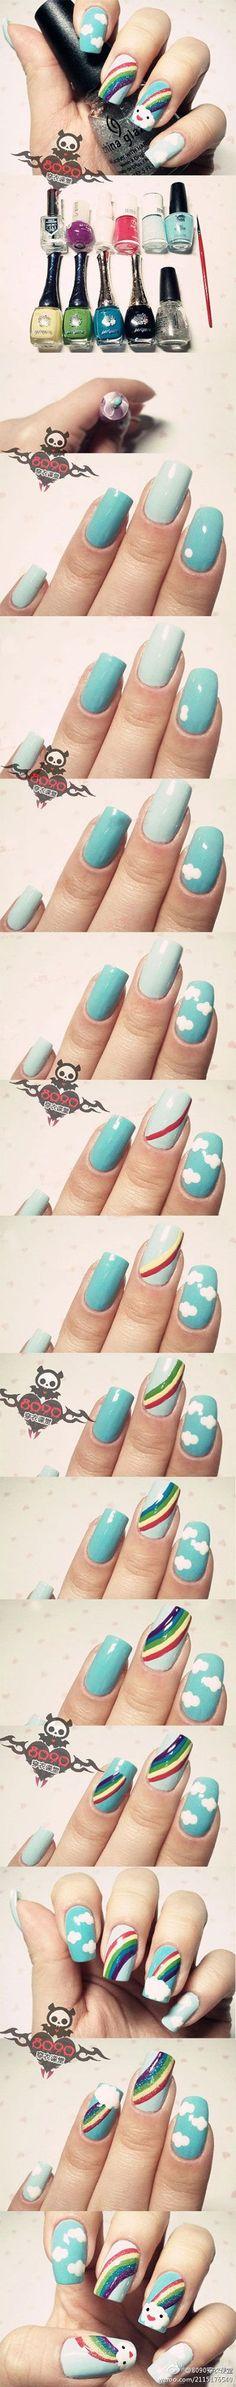 Легкие рисунки на ногтях. Фото идеи. Инструкции. Всё самое интересное.